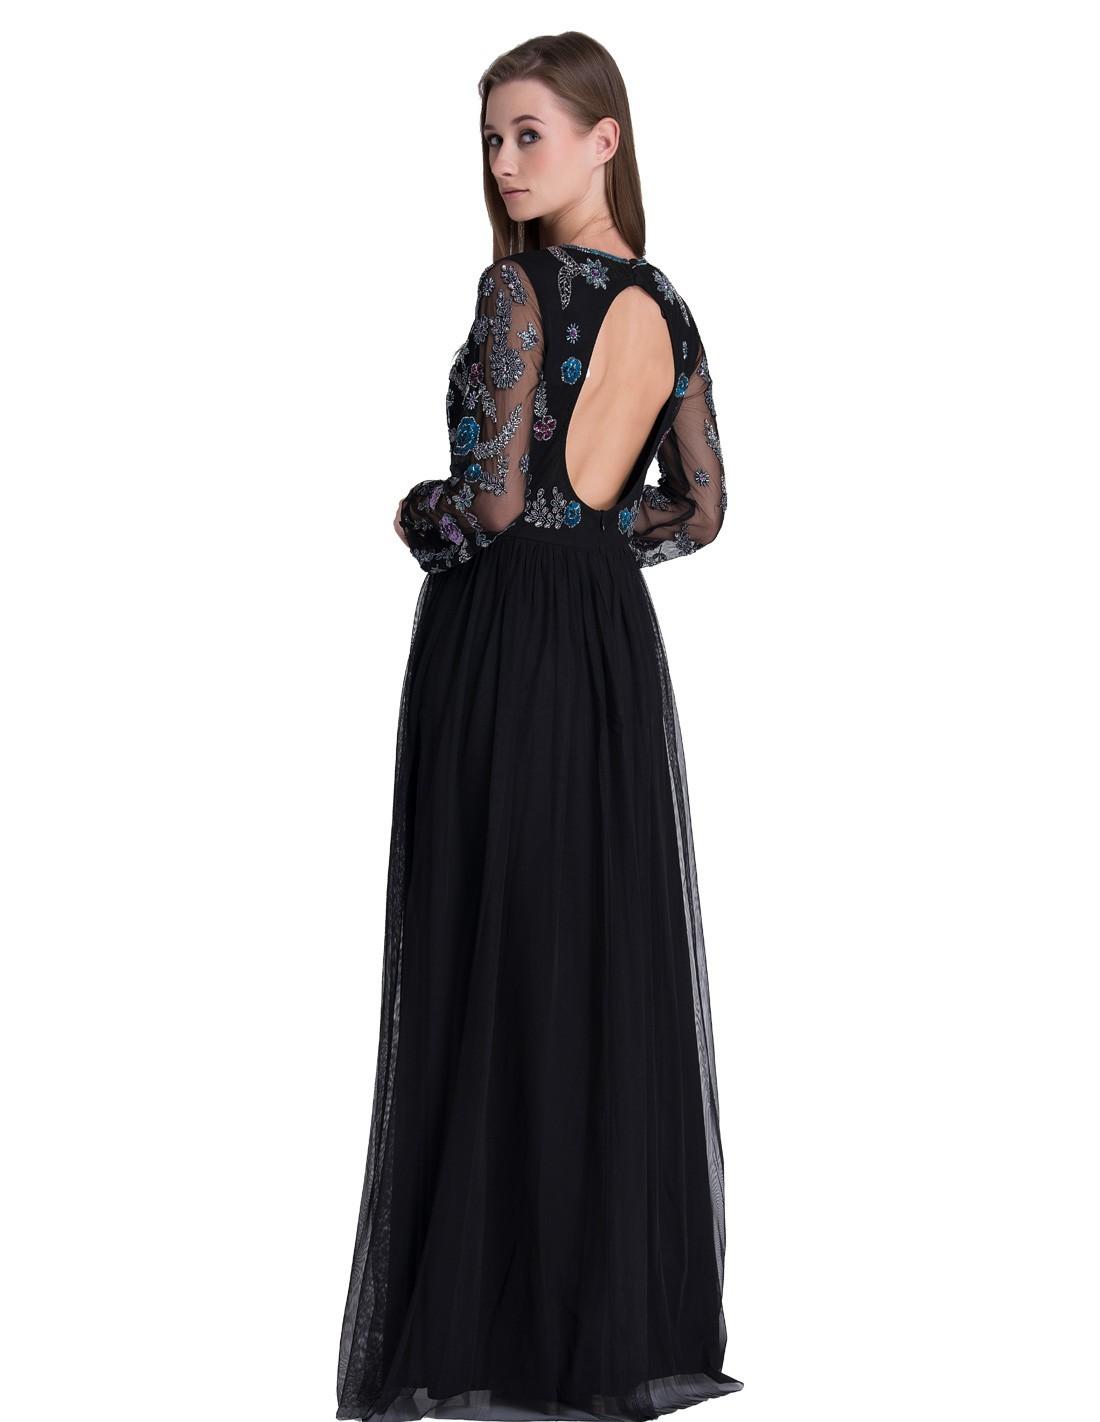 Vestido Largo De Fiesta Negro Con Pedrería Y Espalda Descubierta Colores Negro Talla Ropa S